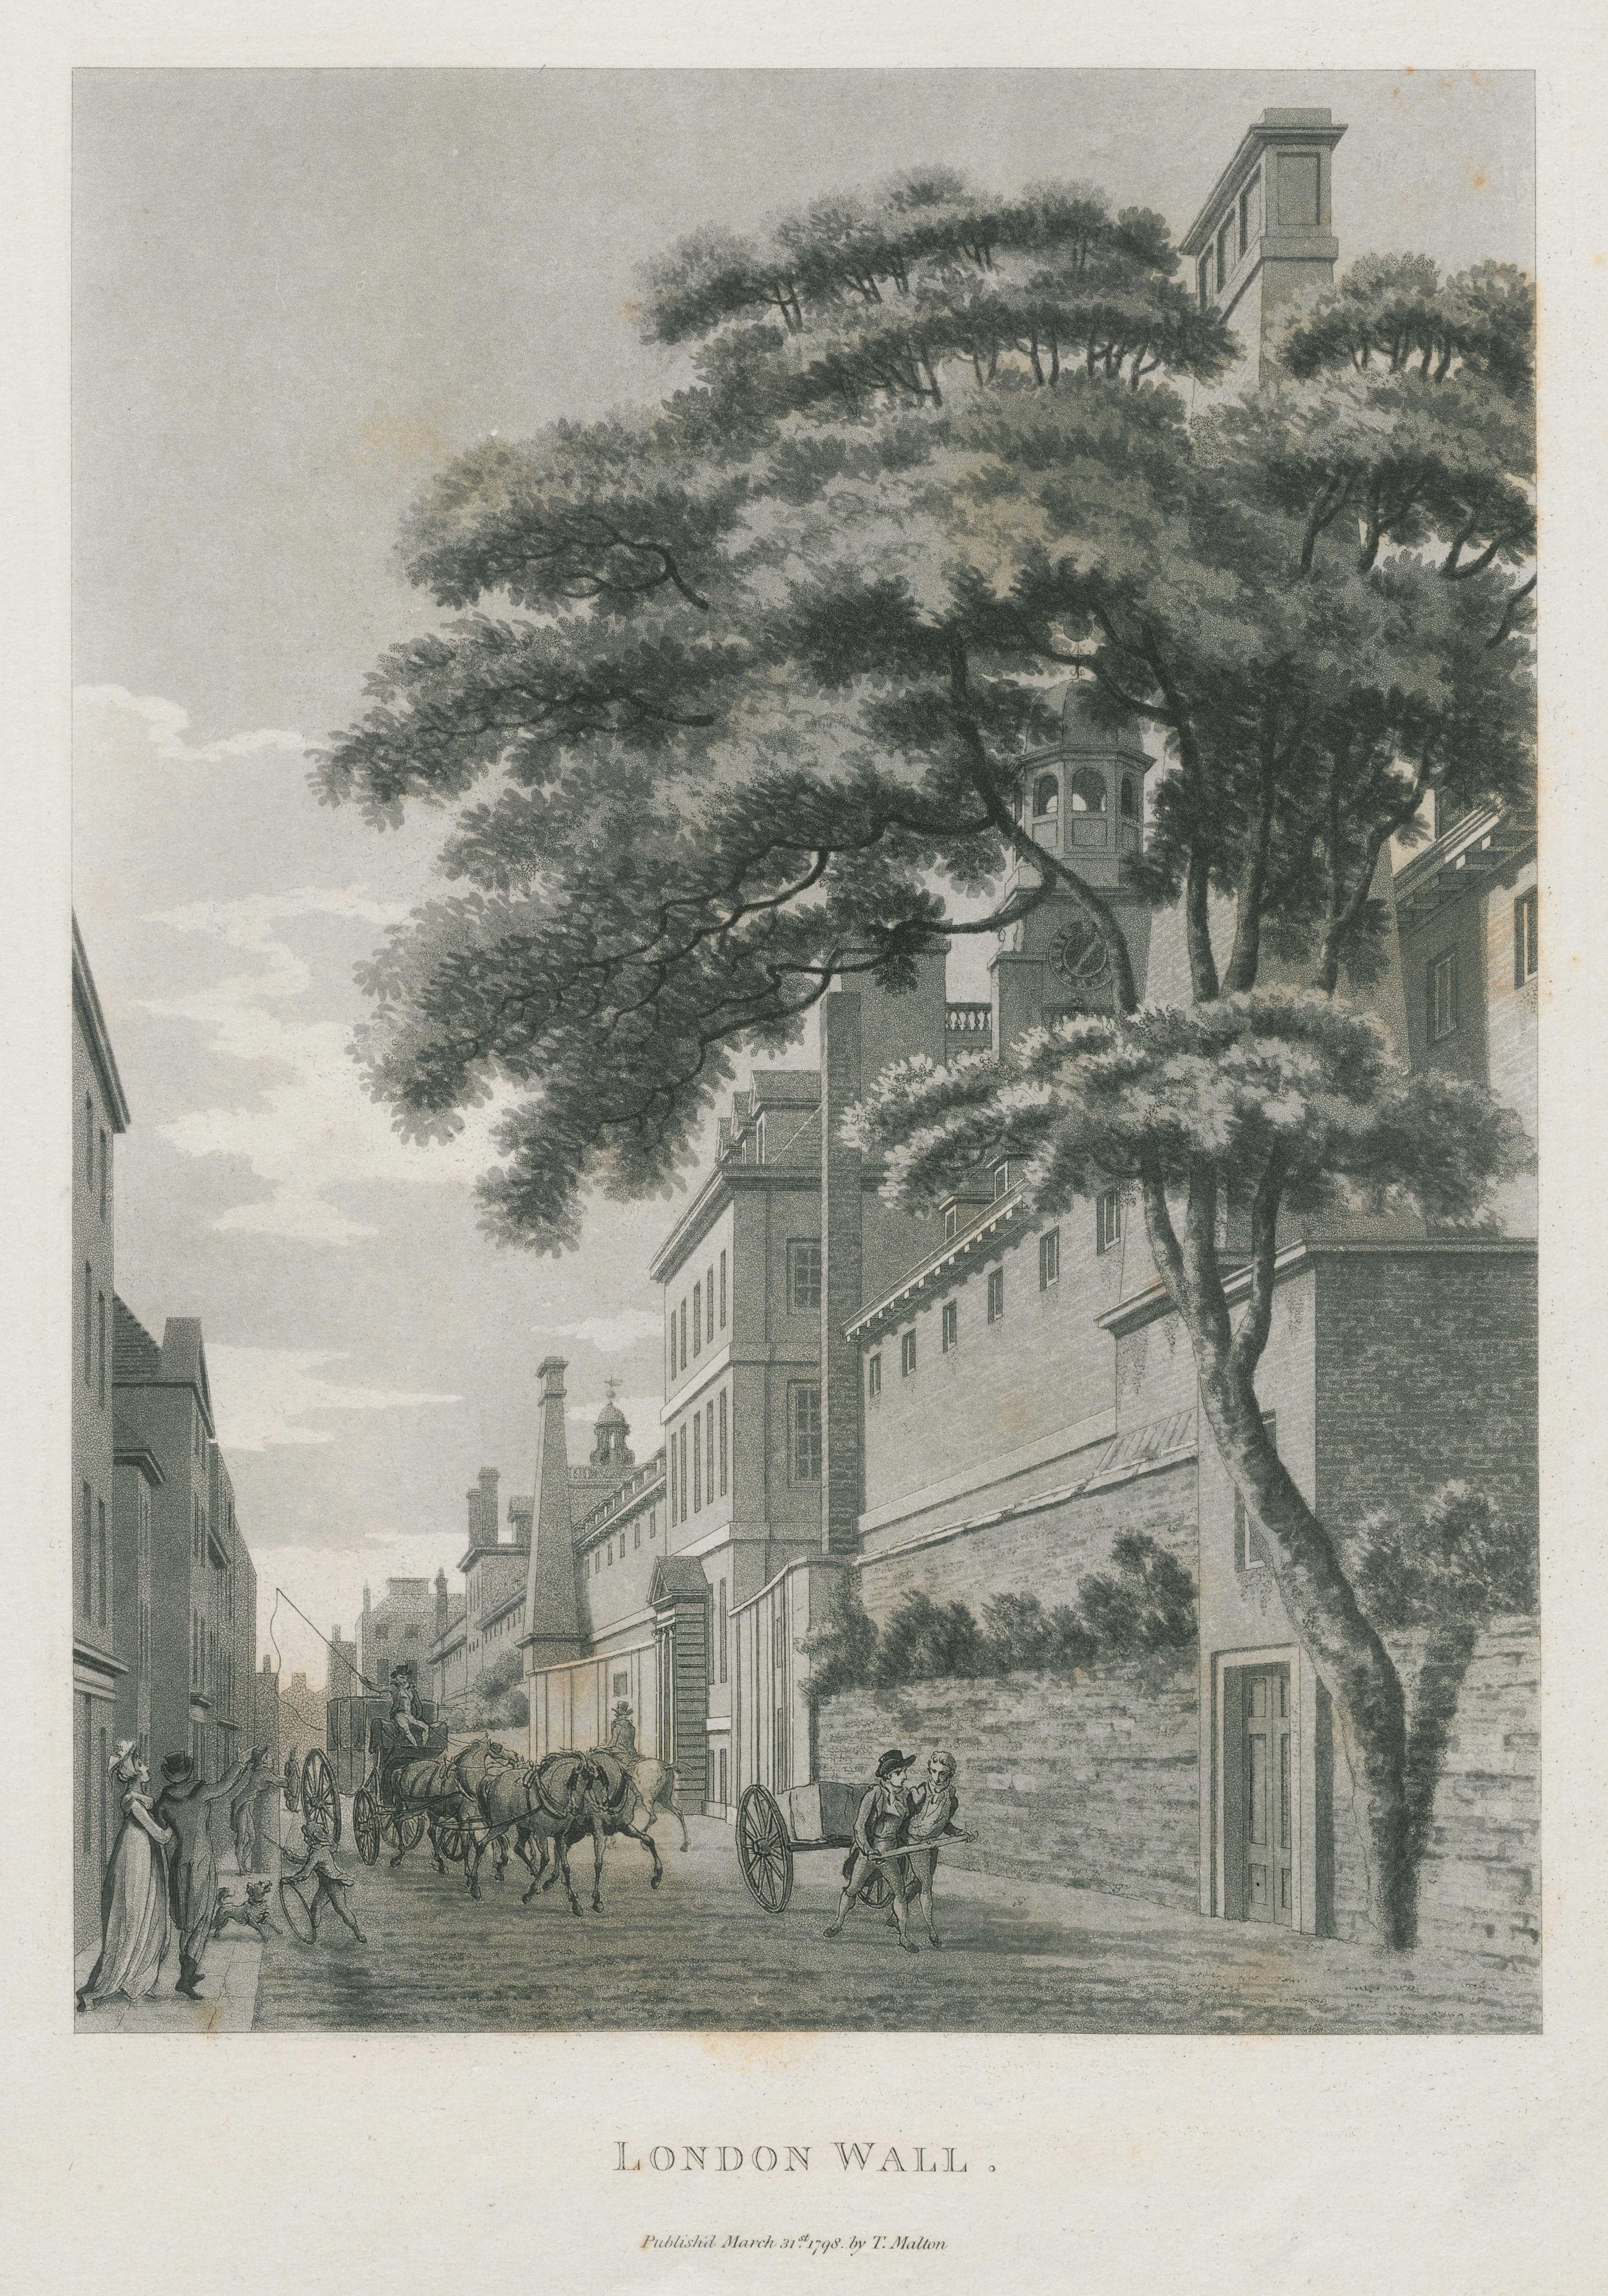 072 - Malton - London Wall